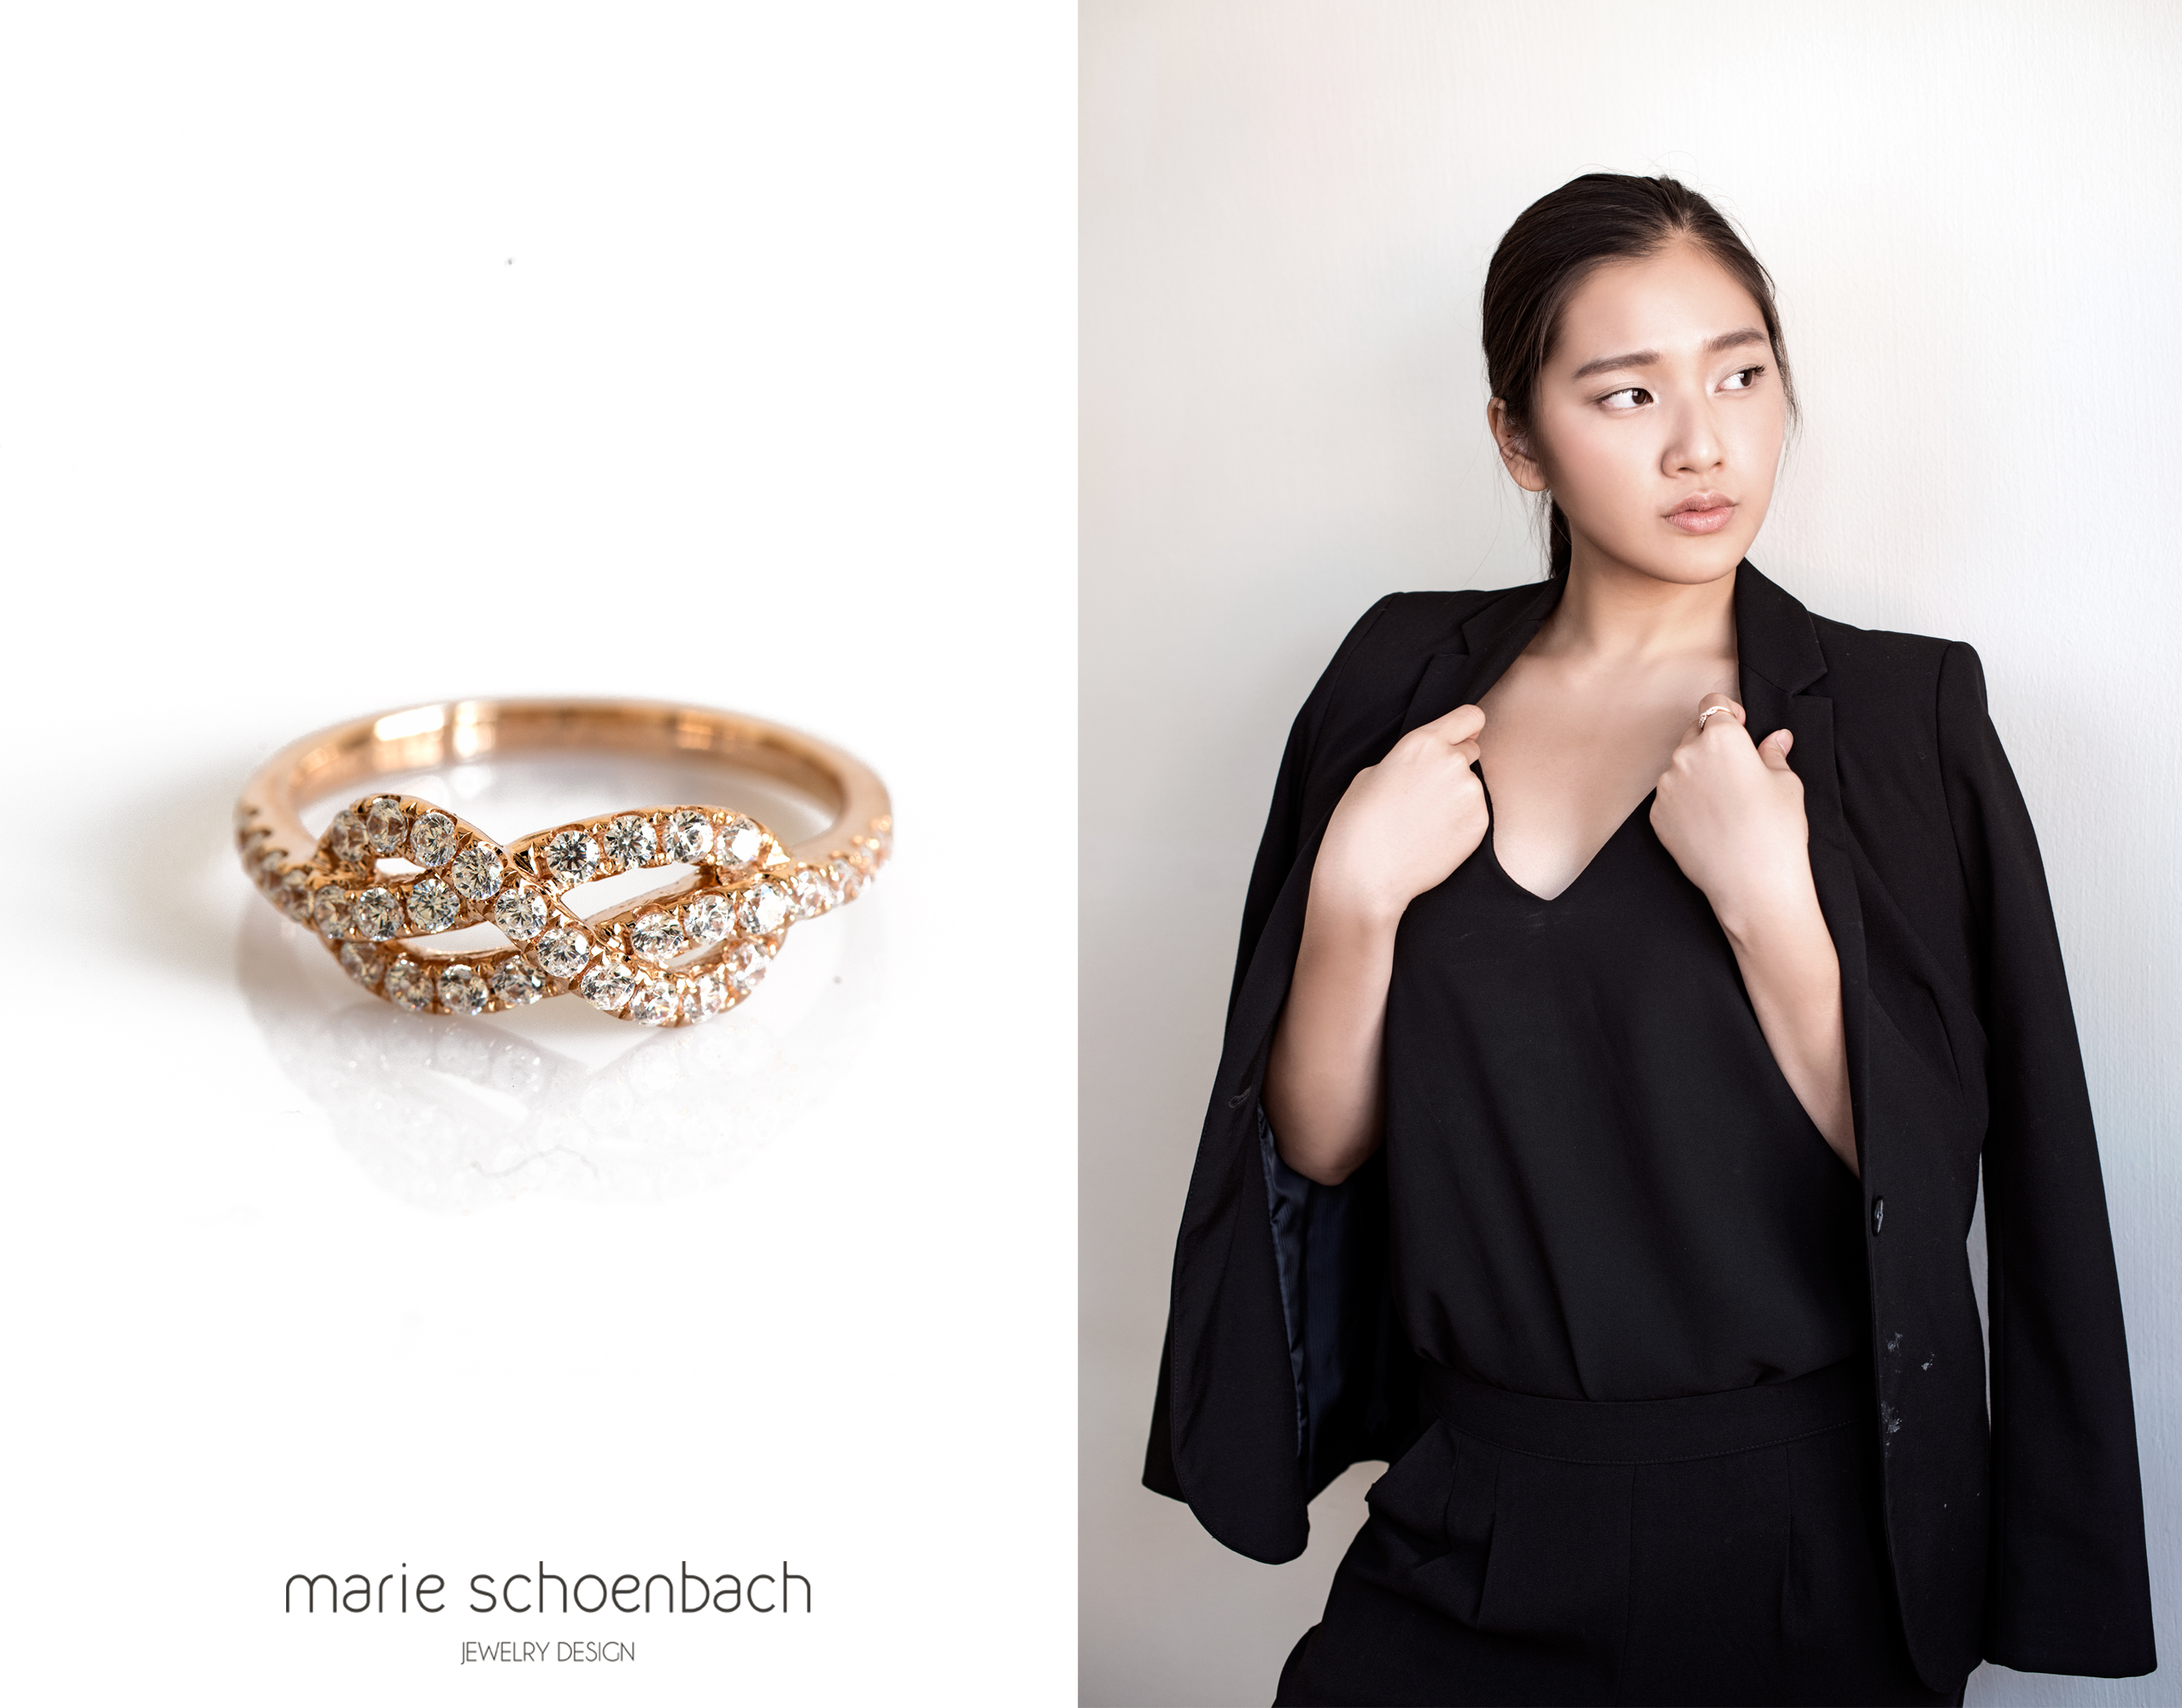 Schoenbach Jewelry Ad I